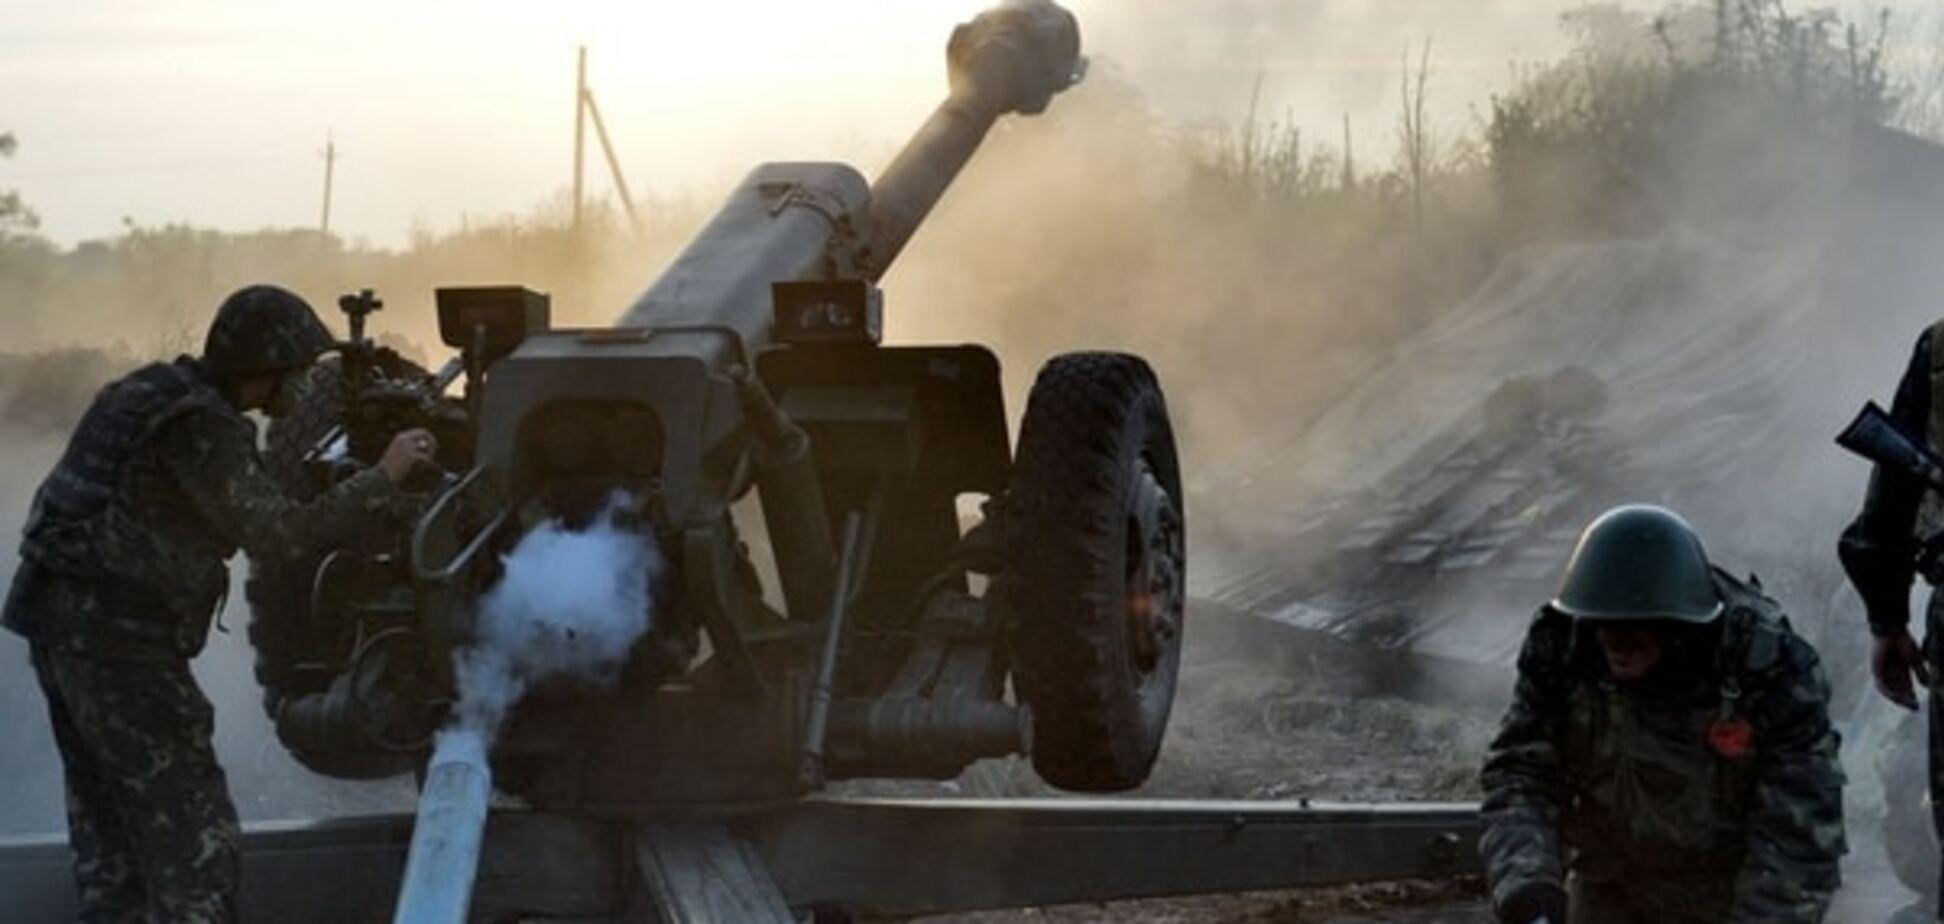 Перелет, недолет: военный журналист рассказал, как террористы испытывают нервы украинских военных